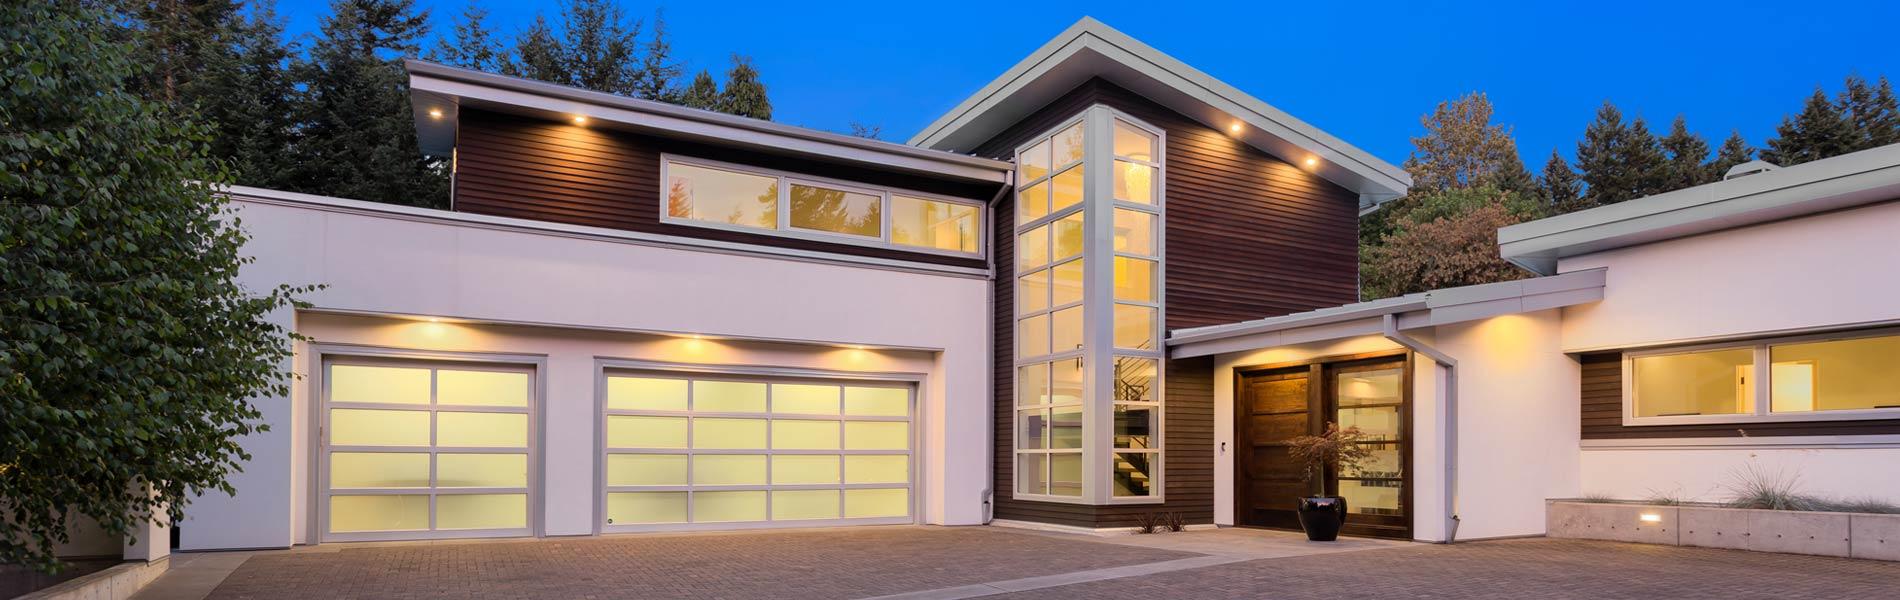 Garage doors store repairs emergency garage door cable for Long beach garage door repair